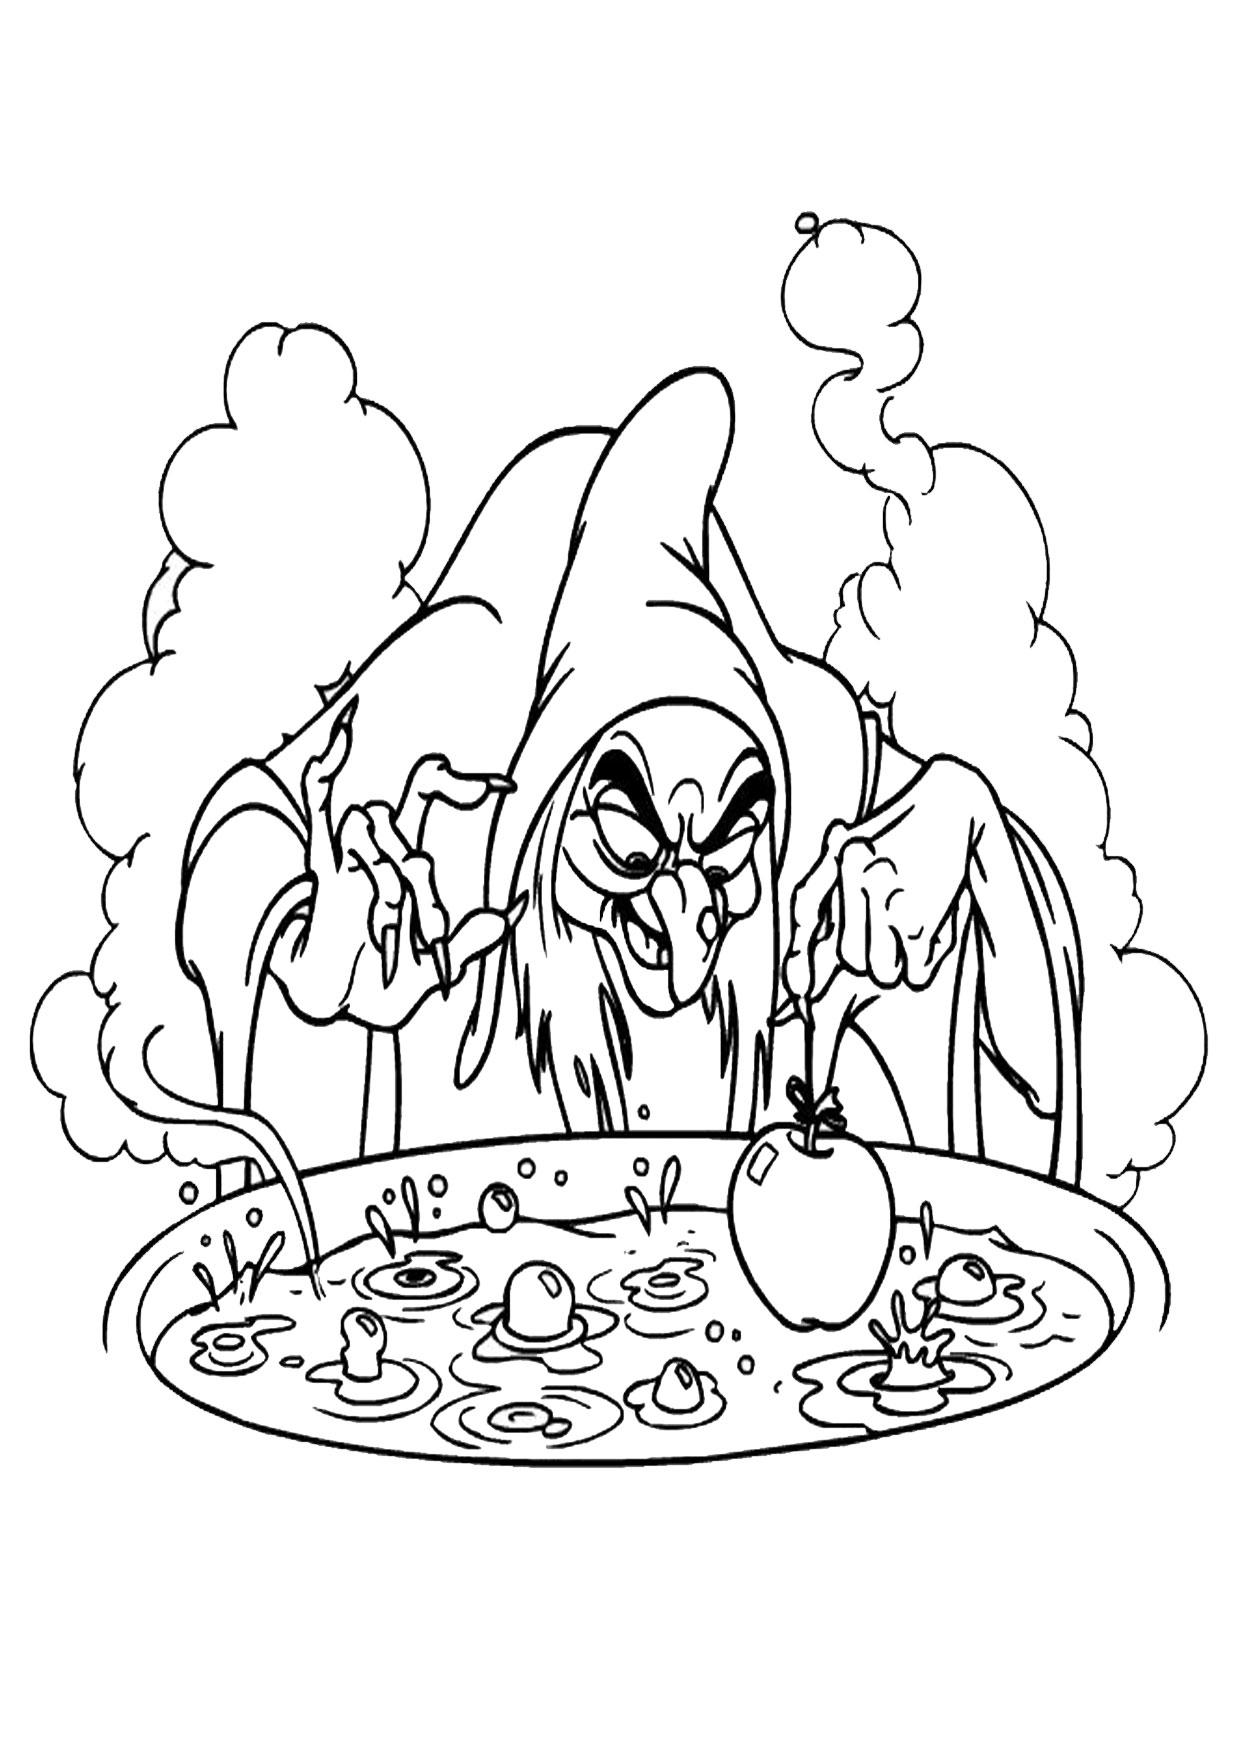 Disegno di strega da colorare 28